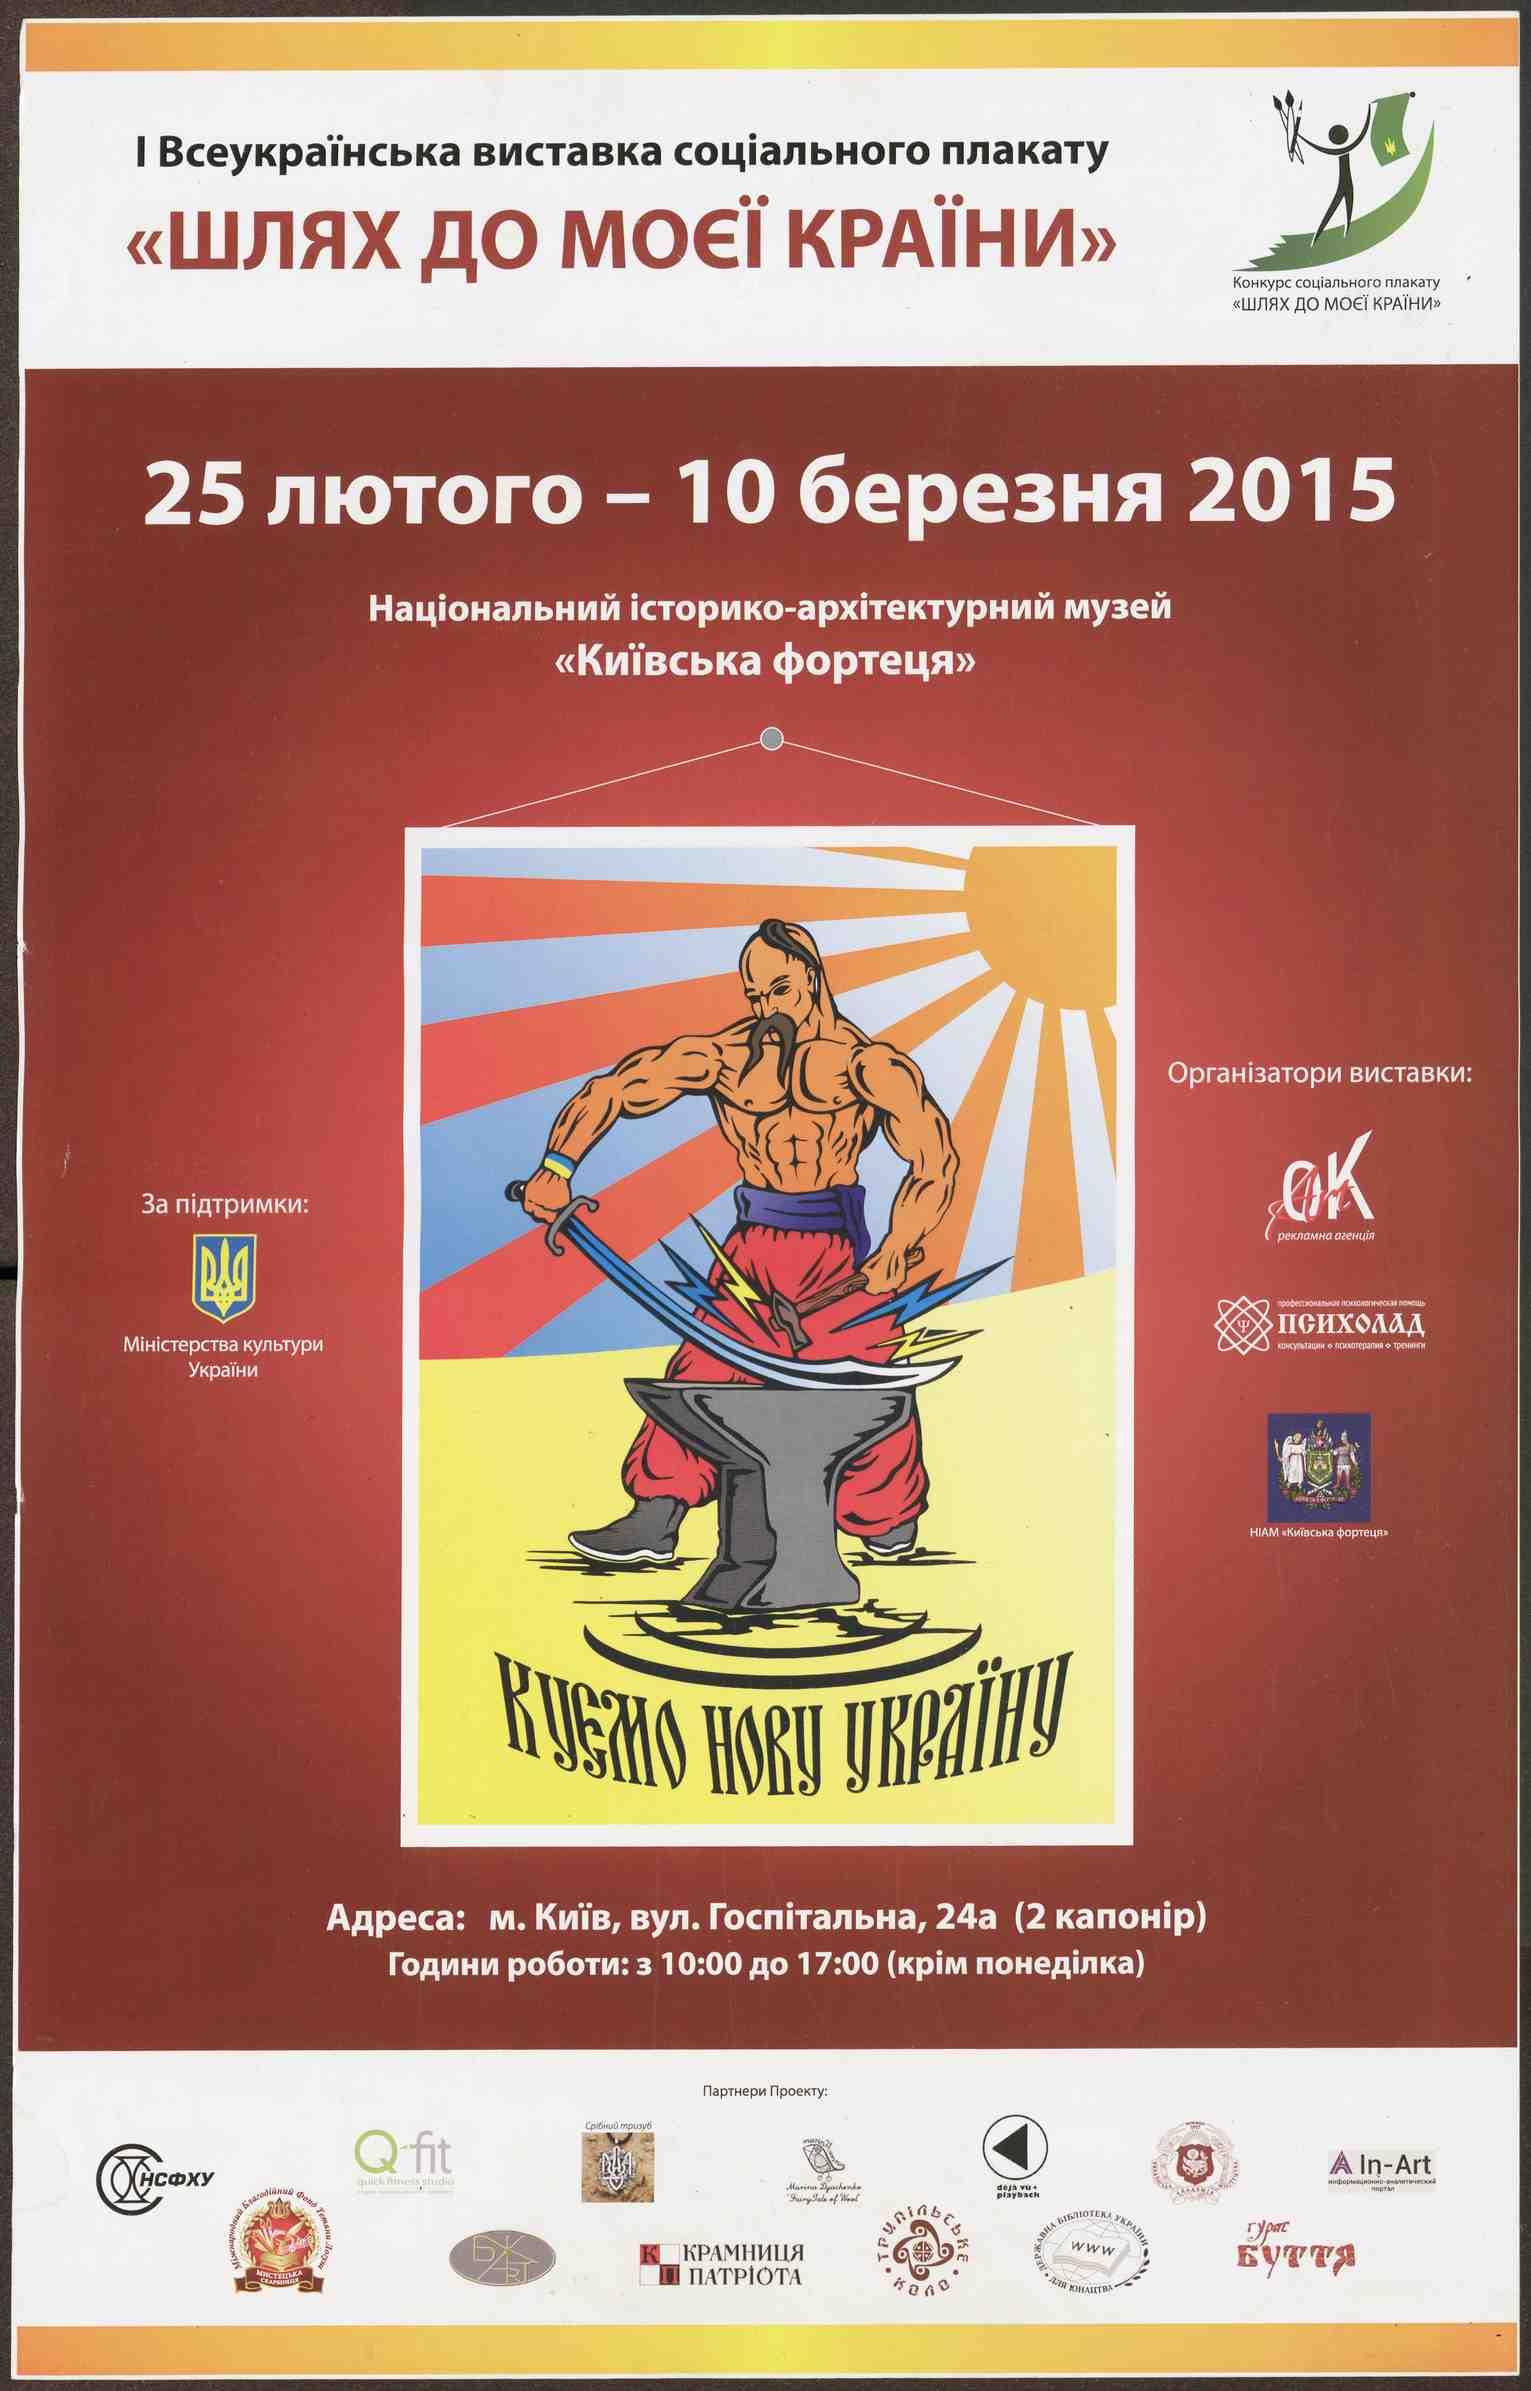 """Плакат. Афіша """"I Всеукраїнська виставка соціального плакату """"Шлях до моєї країни"""""""""""